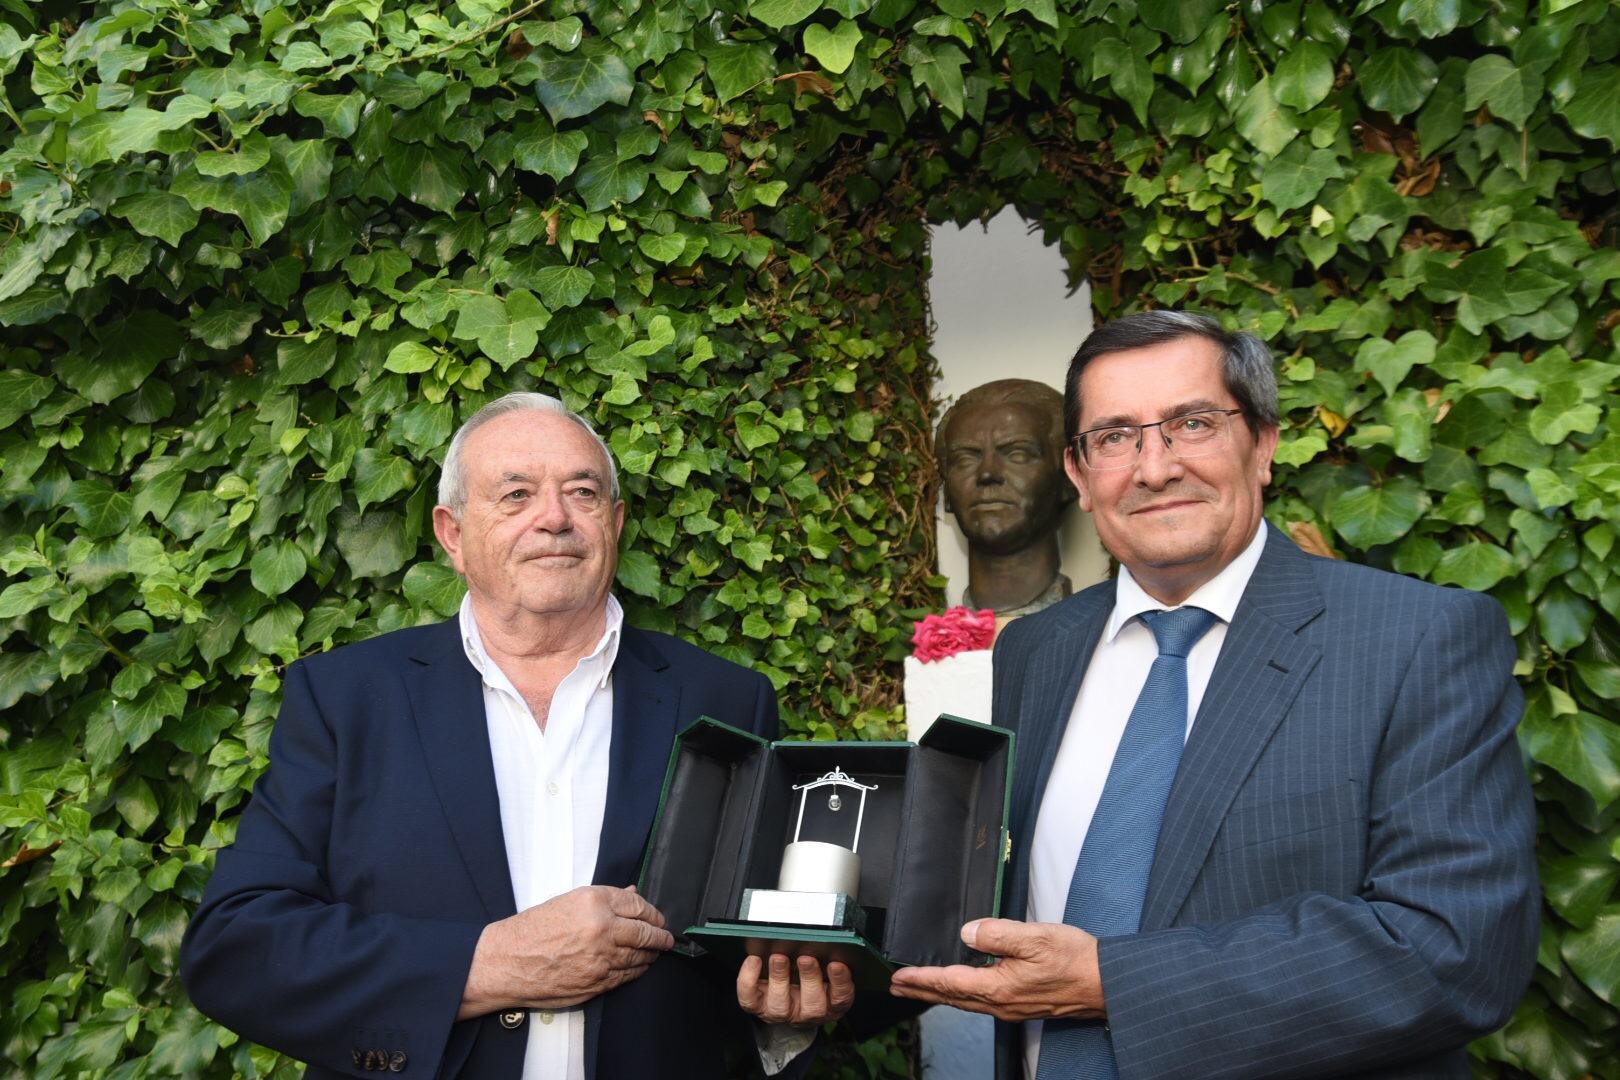 Antonio Ramos Espejo recibe el Pozo de Plata honorífico por sus trabajos sobre Lorca